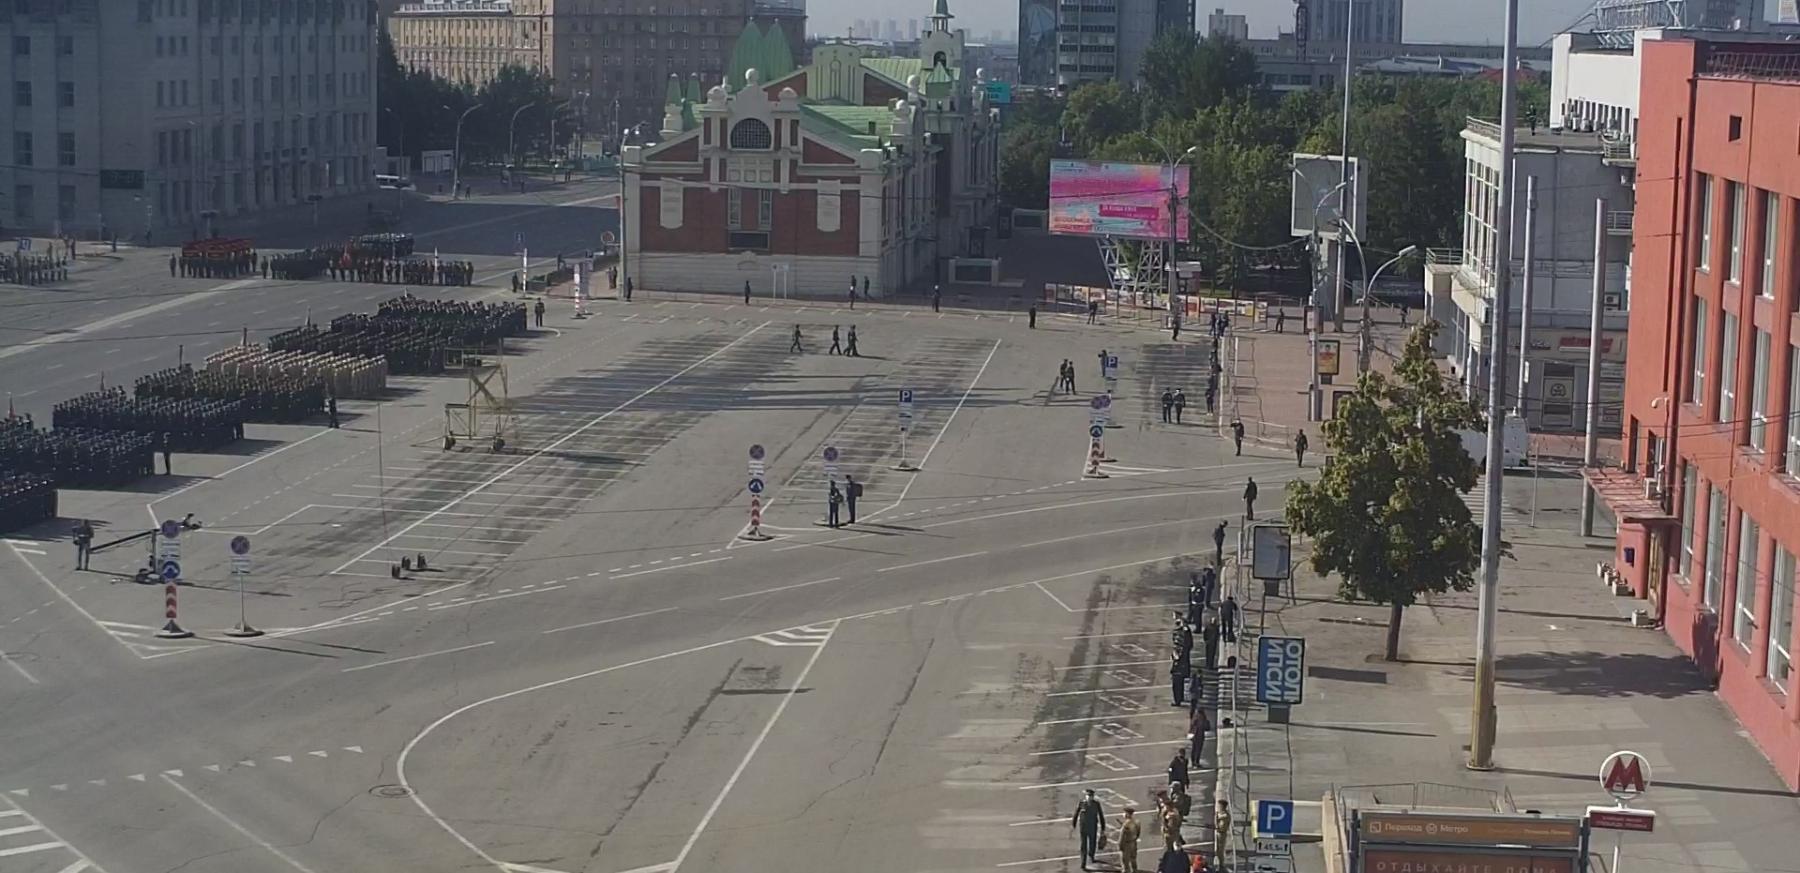 фото В Новосибирске началась репетиция парада Победы 3